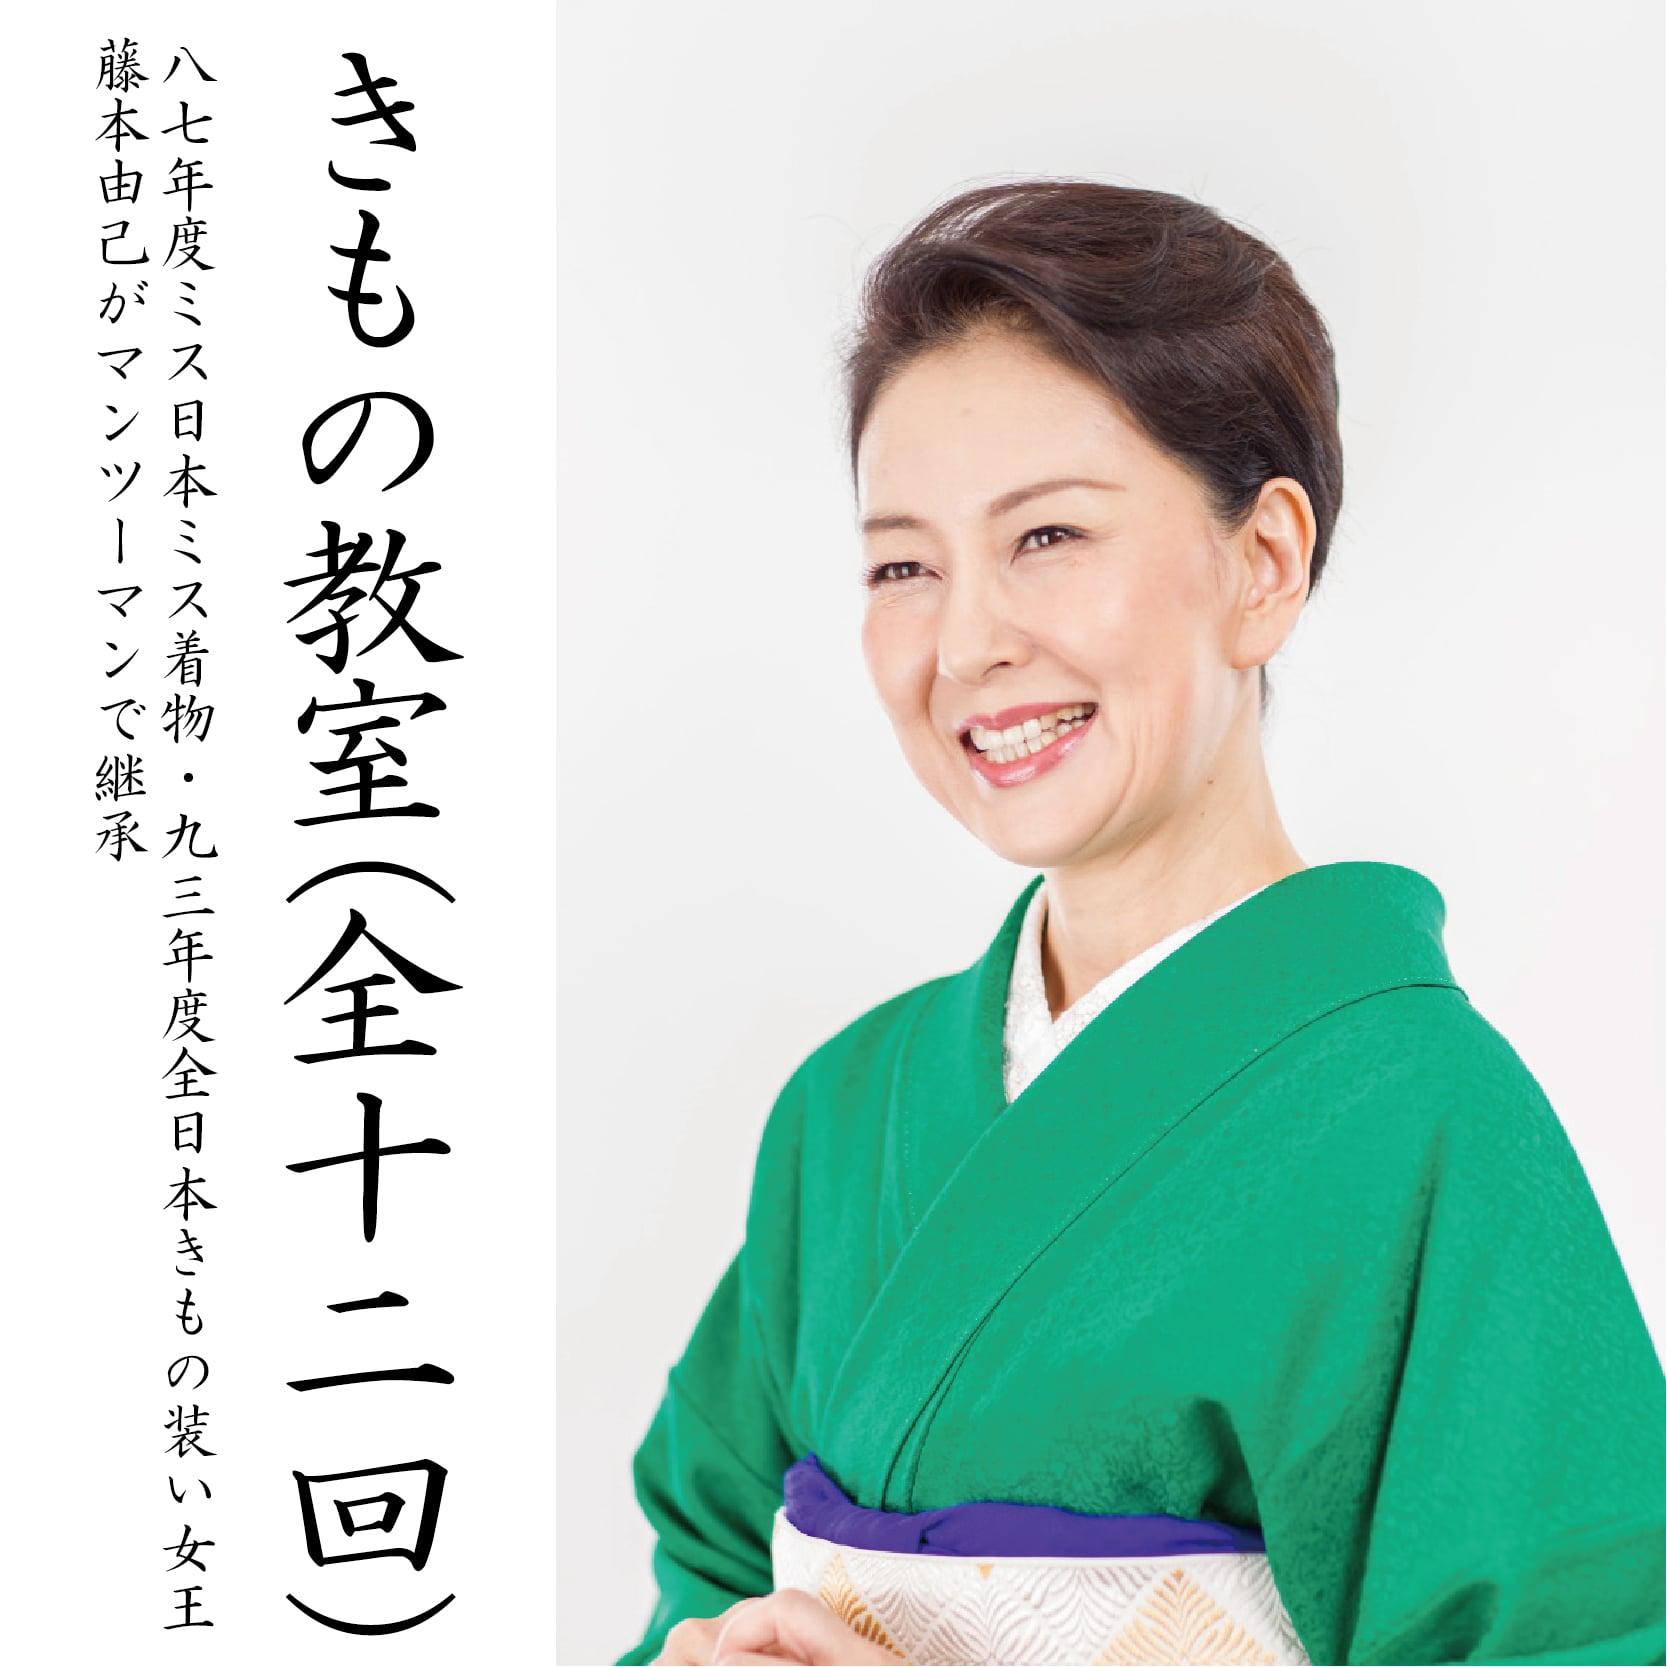 初心者向け対面式、きもの教室(全12回)|87年度ミス日本ミス着物/93年度全日本きもの装い女王・藤本由己が継承のイメージその1